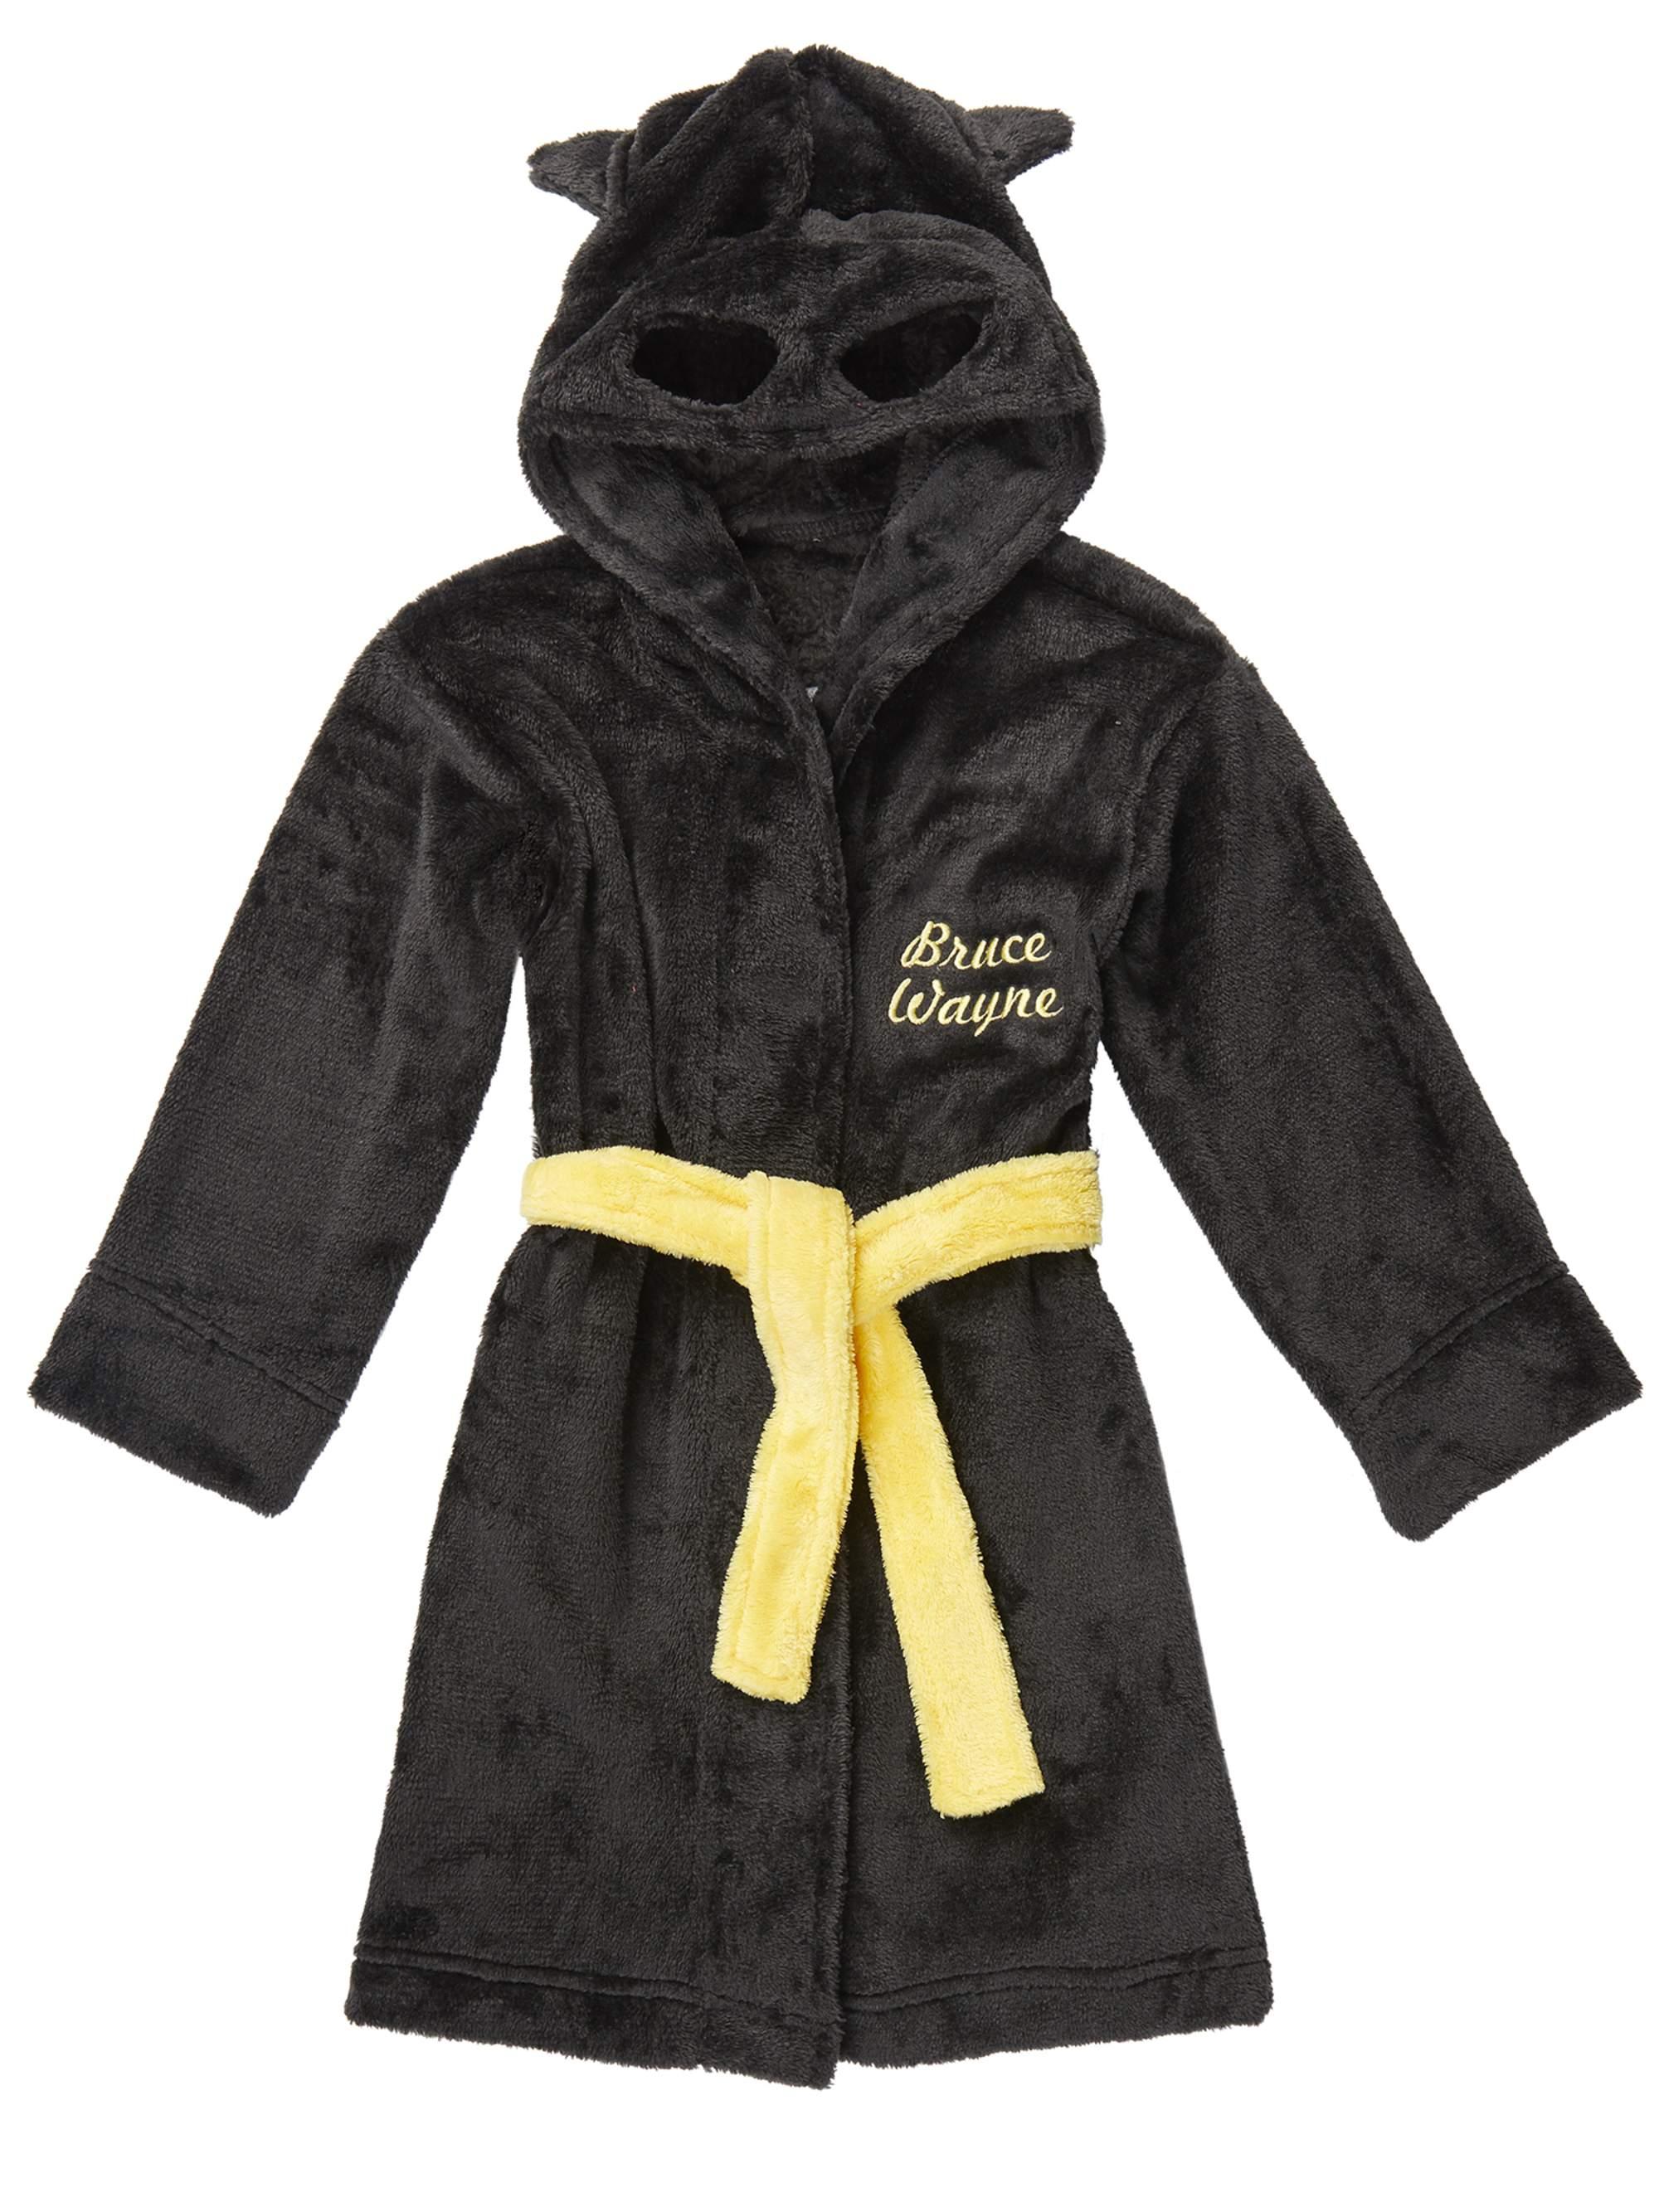 Batman Hooded Costume Robe (Toddler Boys)